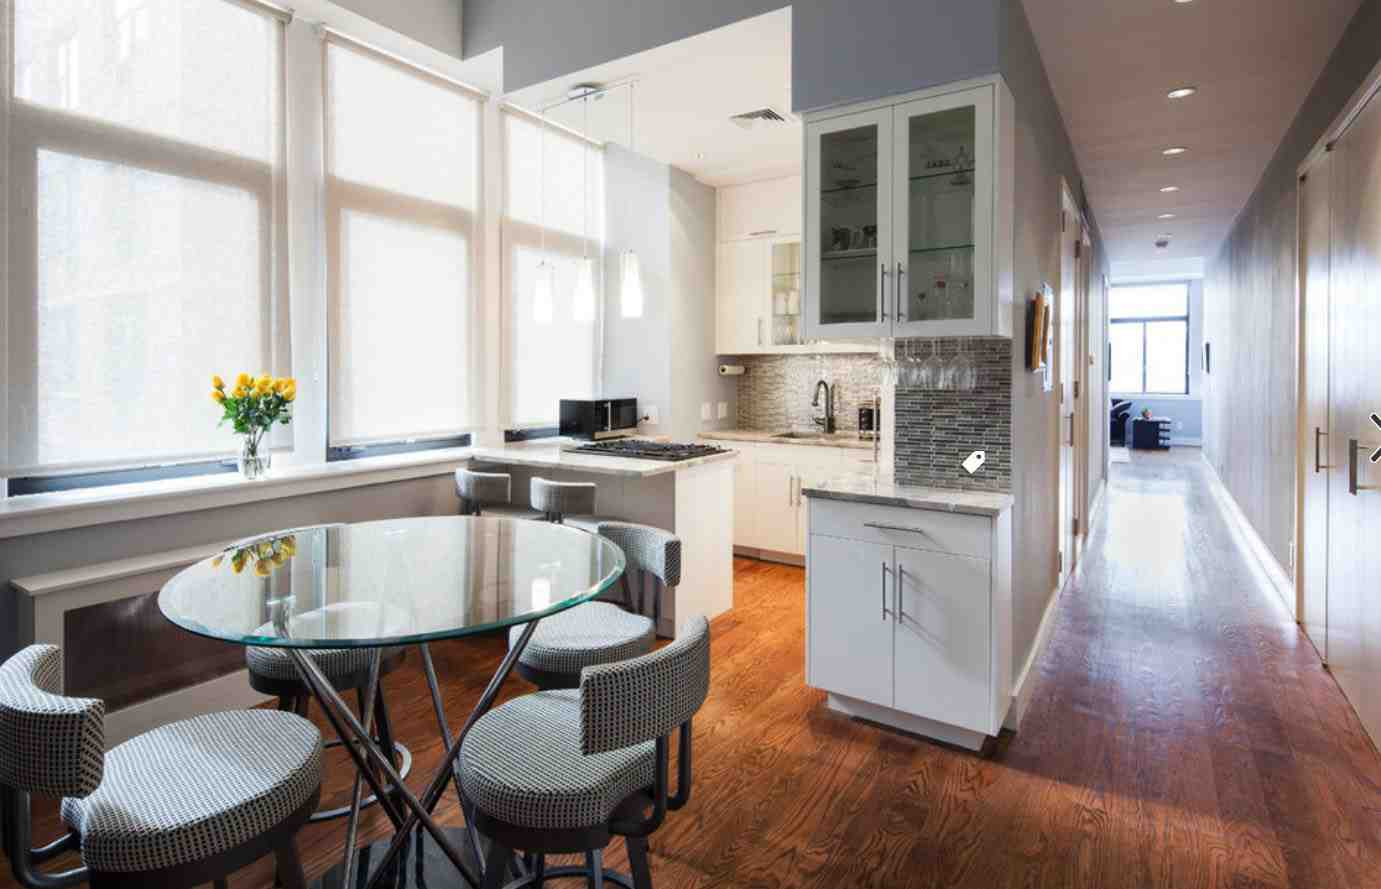 Comment rendre une cuisine blanche chaleureuse ?